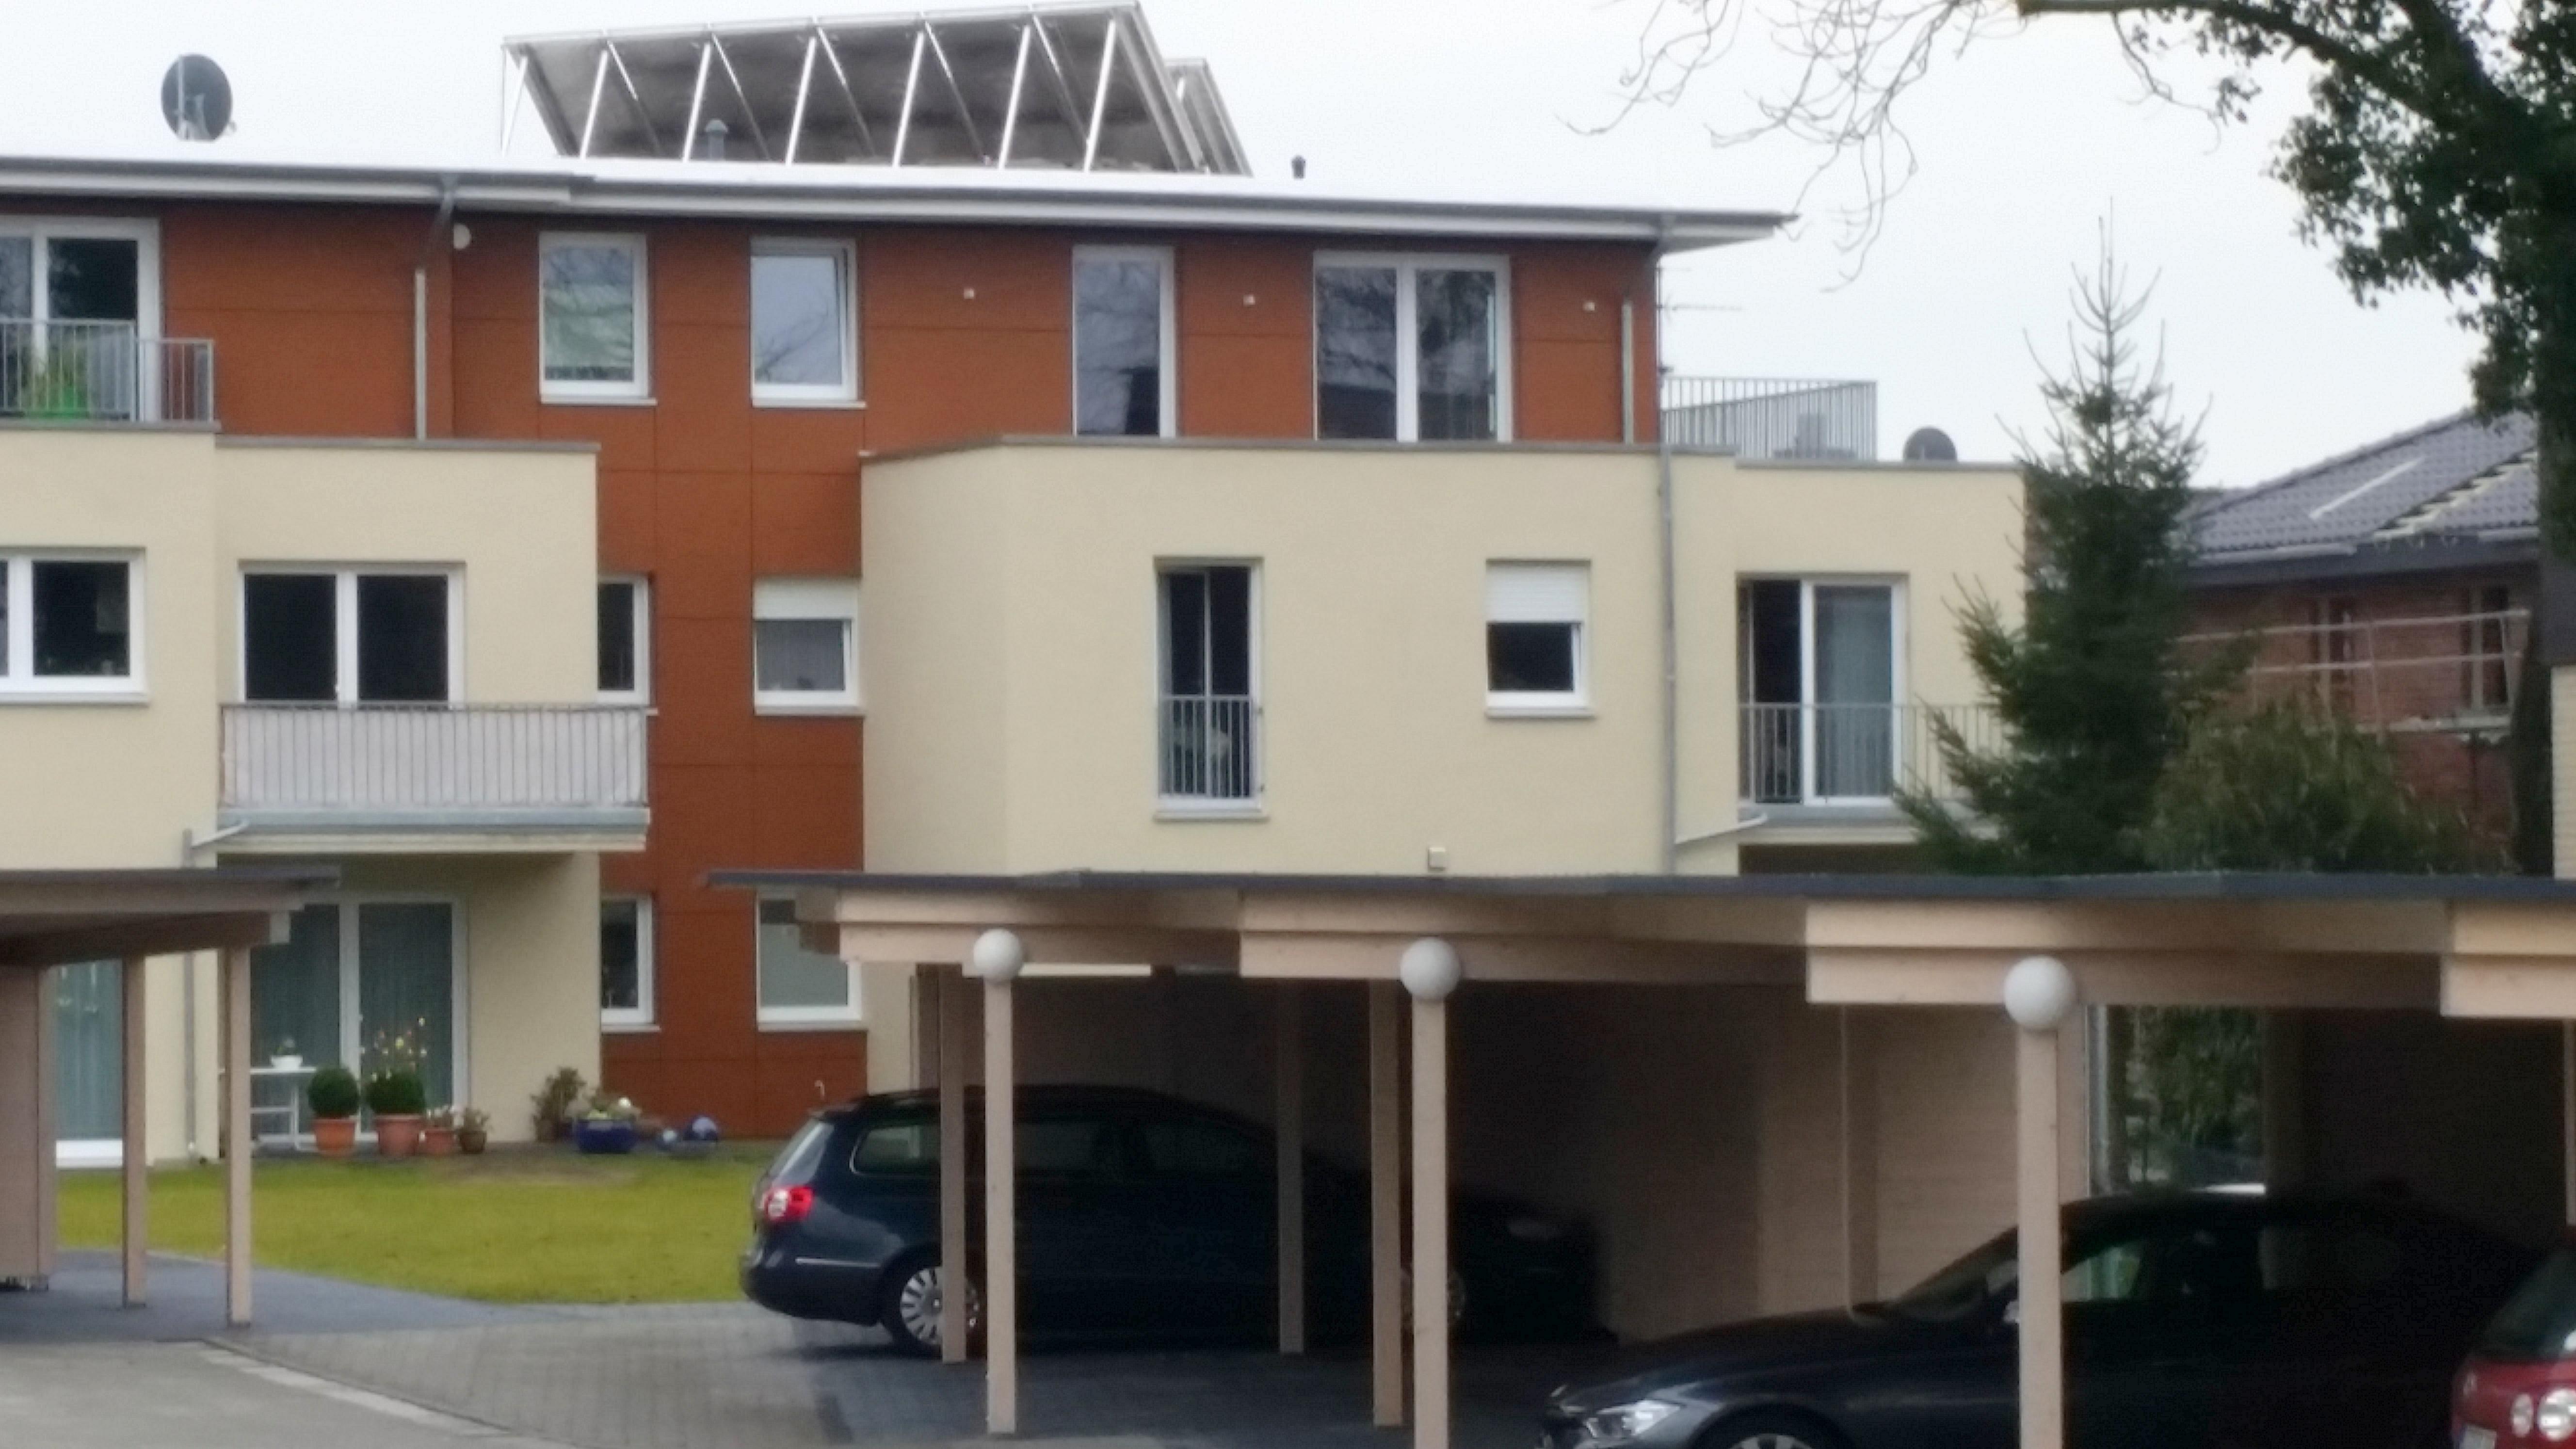 g19 mf wohnhaus 8 we architekten grage ibbenb ren. Black Bedroom Furniture Sets. Home Design Ideas